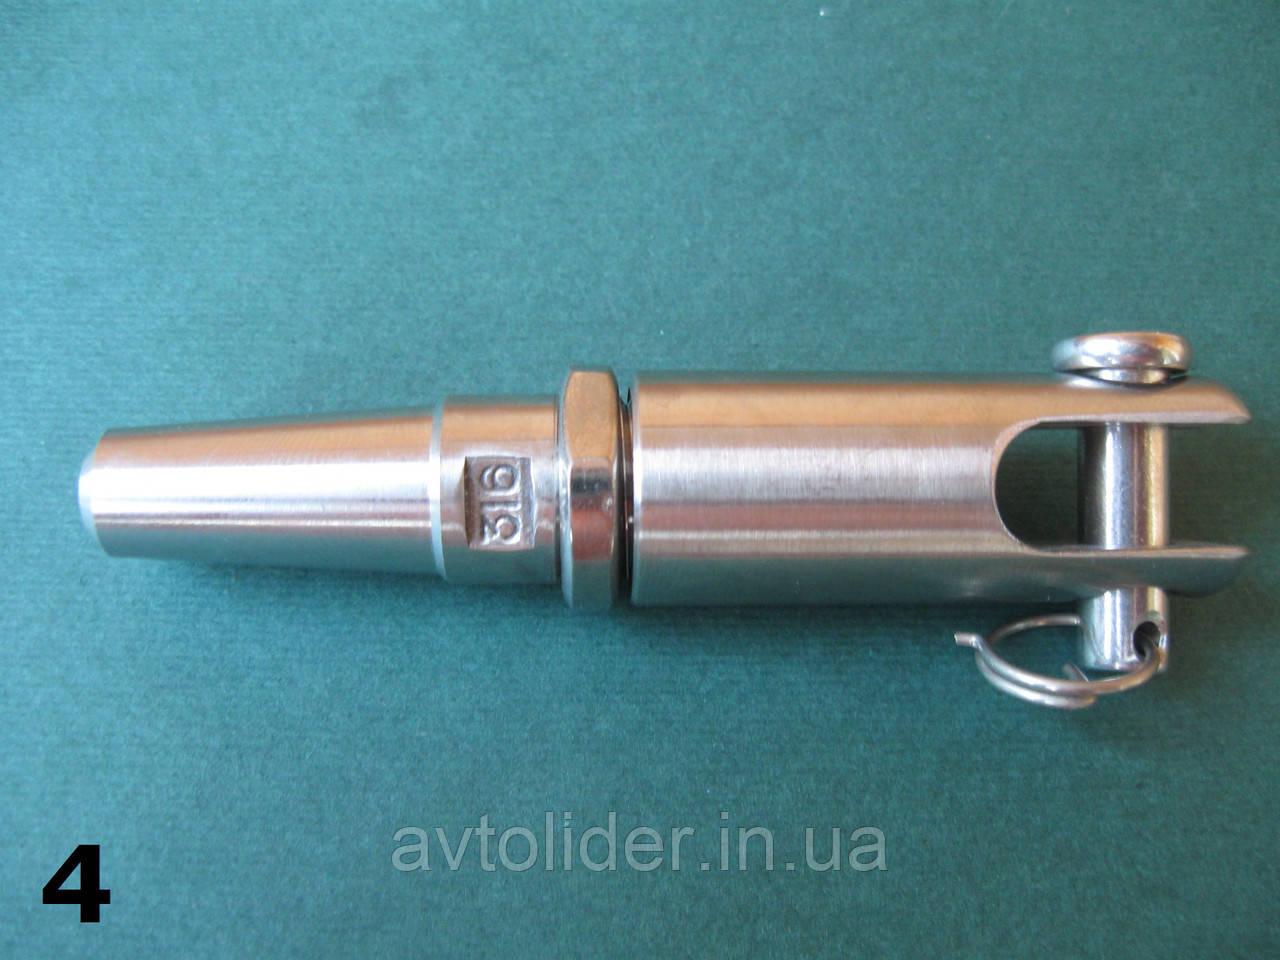 Нержавеющий норсеман с вилкой для троса 4 мм